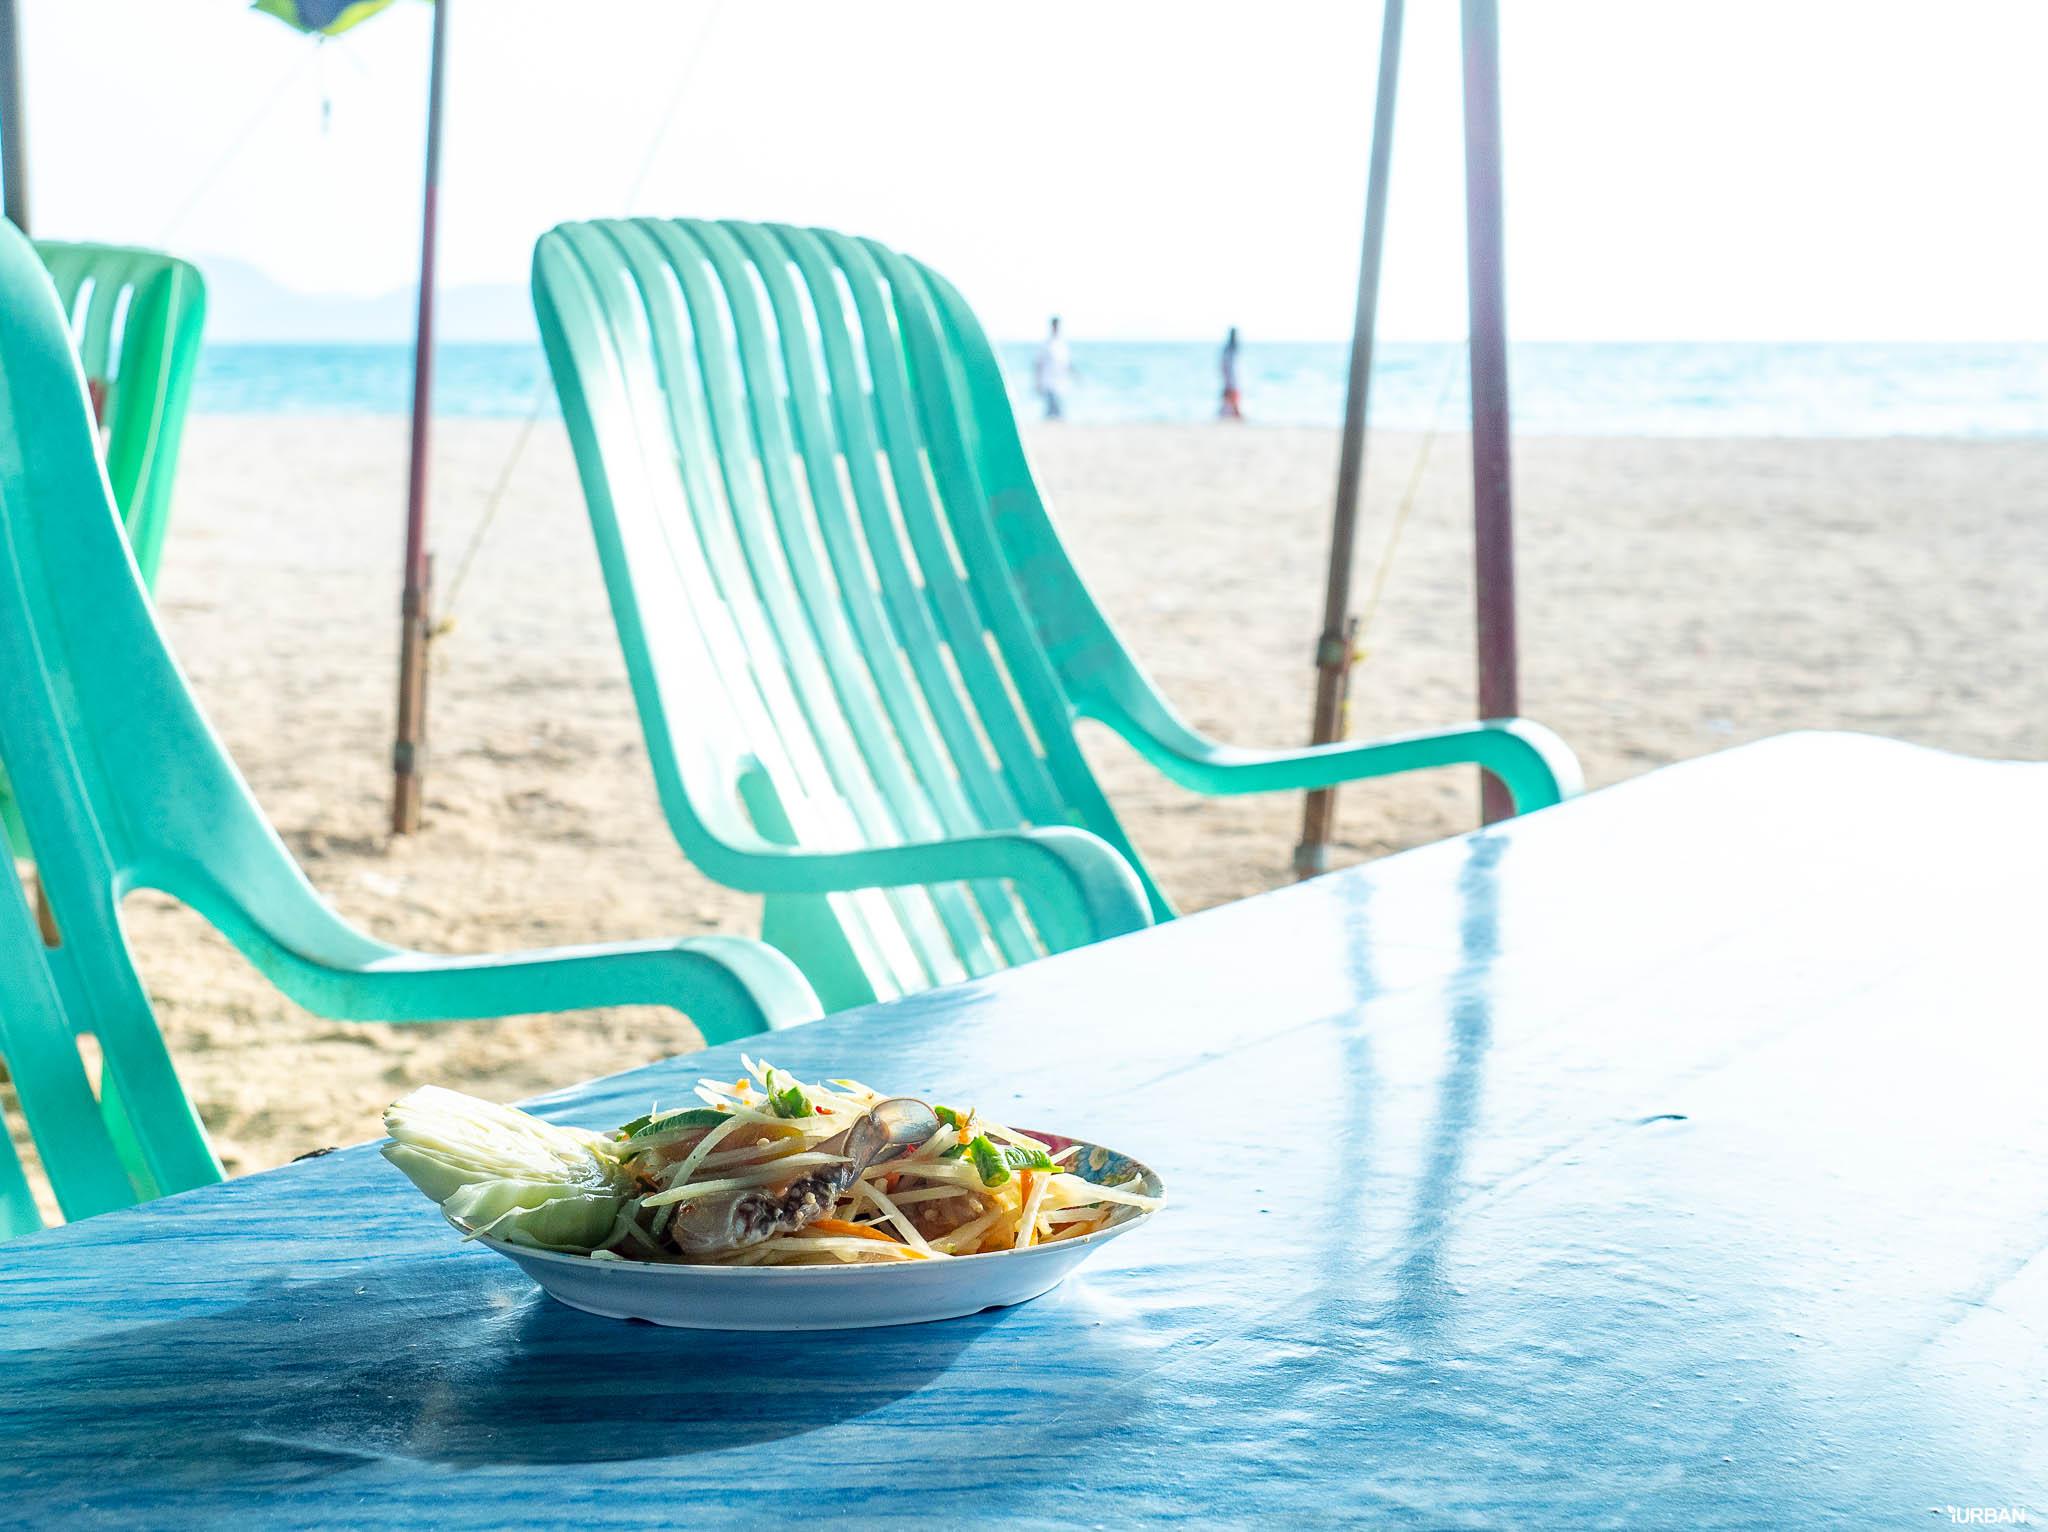 7 ชายหาดทะเลพัทยา ที่ยังสวยสะอาดน่าเที่ยวใกล้กรุงเทพ ไม่ต้องหนีร้อนไปไกล ก็พักได้ ชิลๆ 120 - Beach